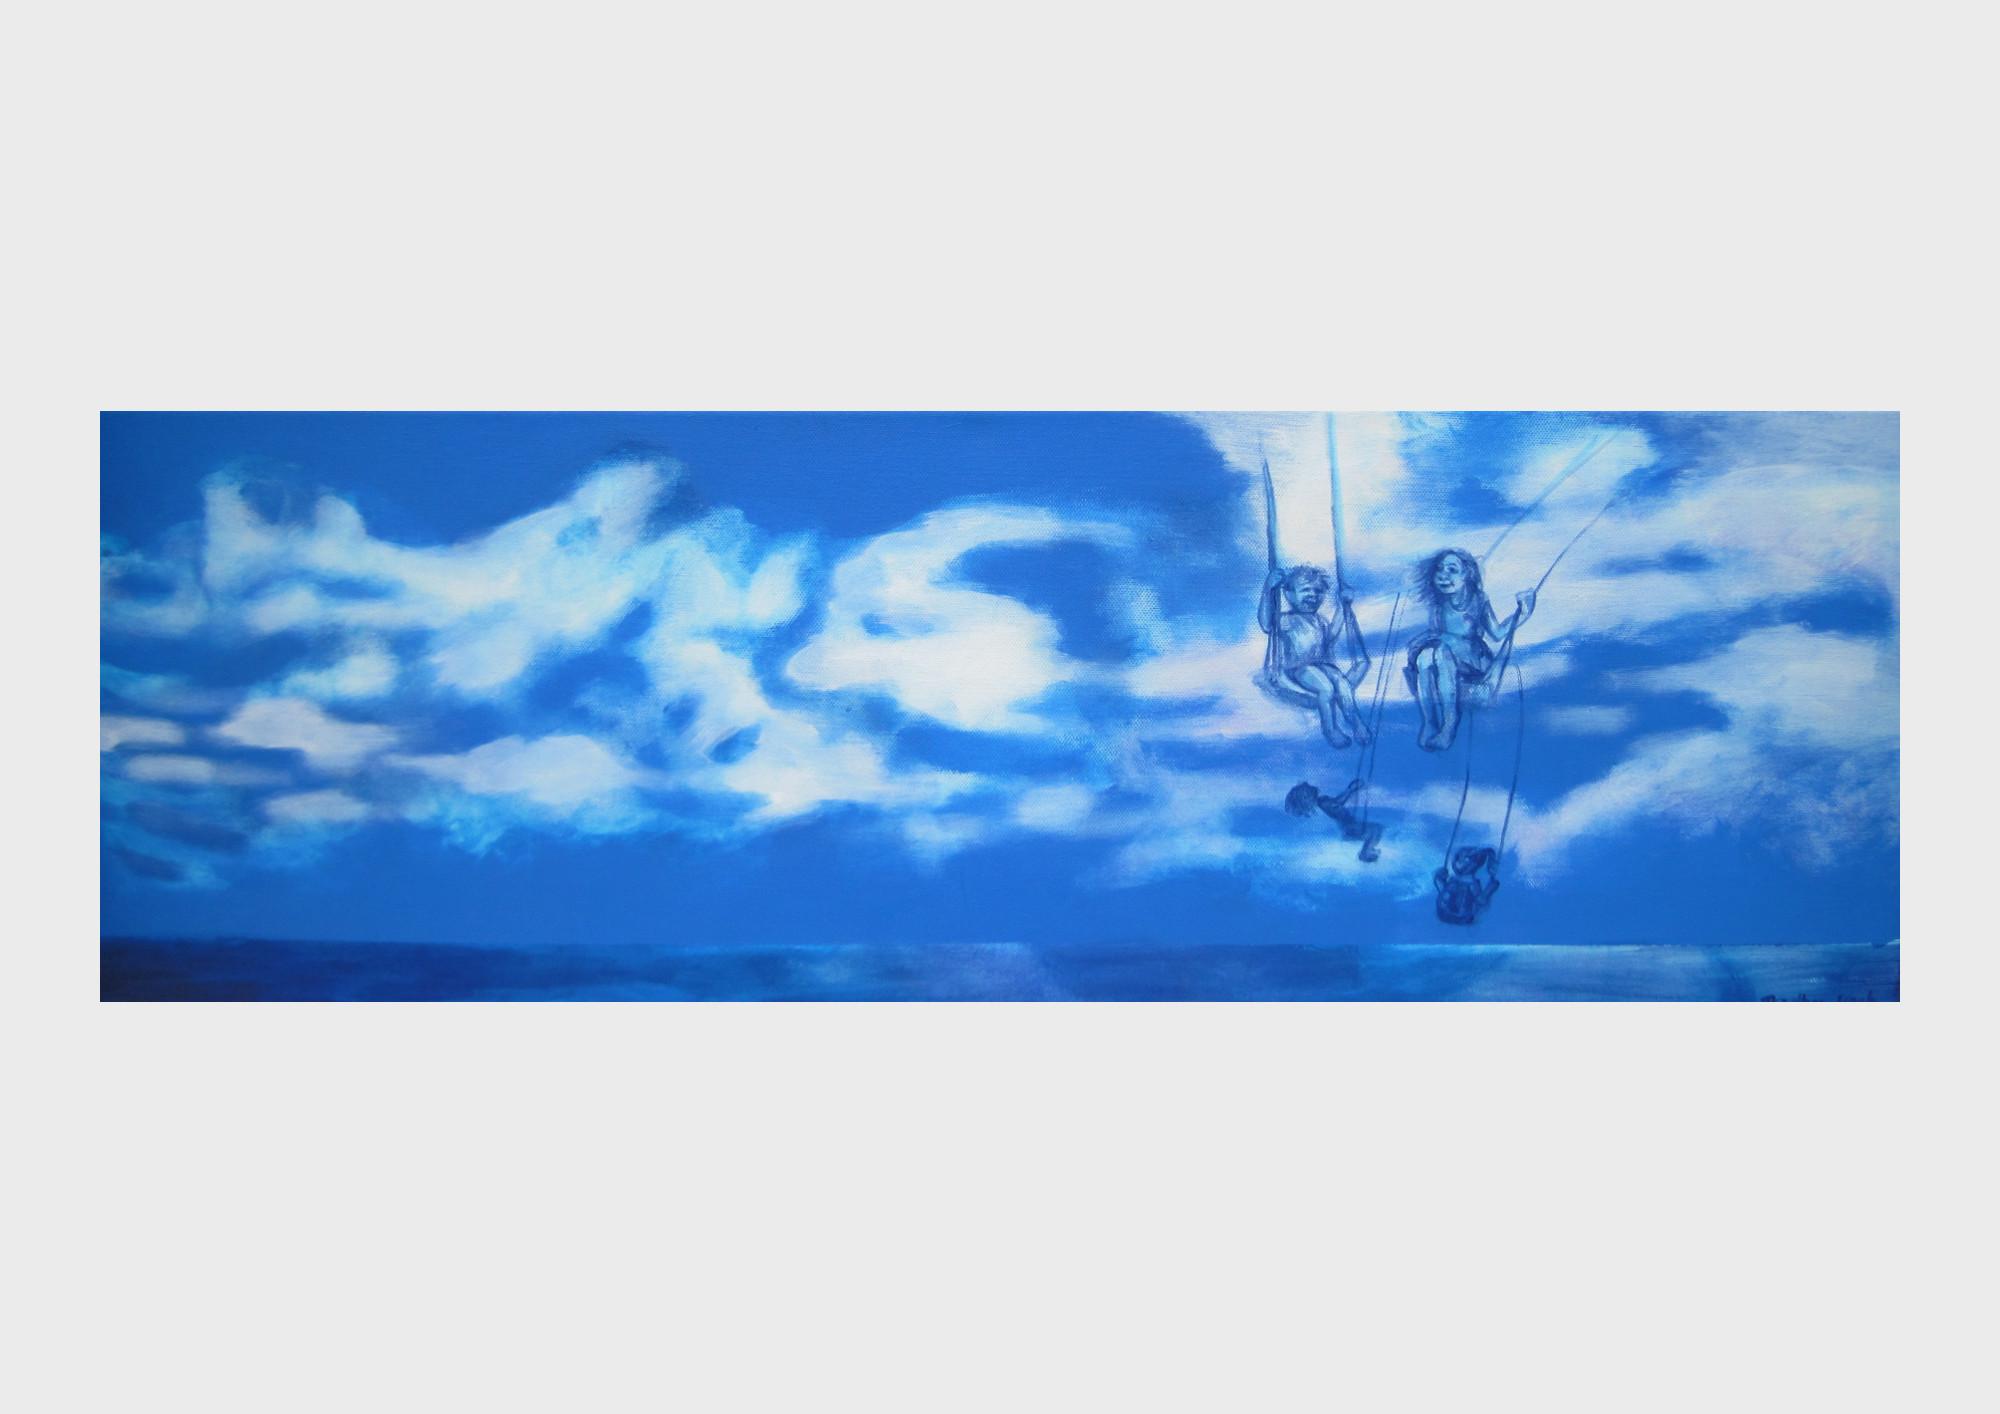 Wolken Malerei: Schaukelnde und wippende Kinder: Malerei von Dorothea Koch.